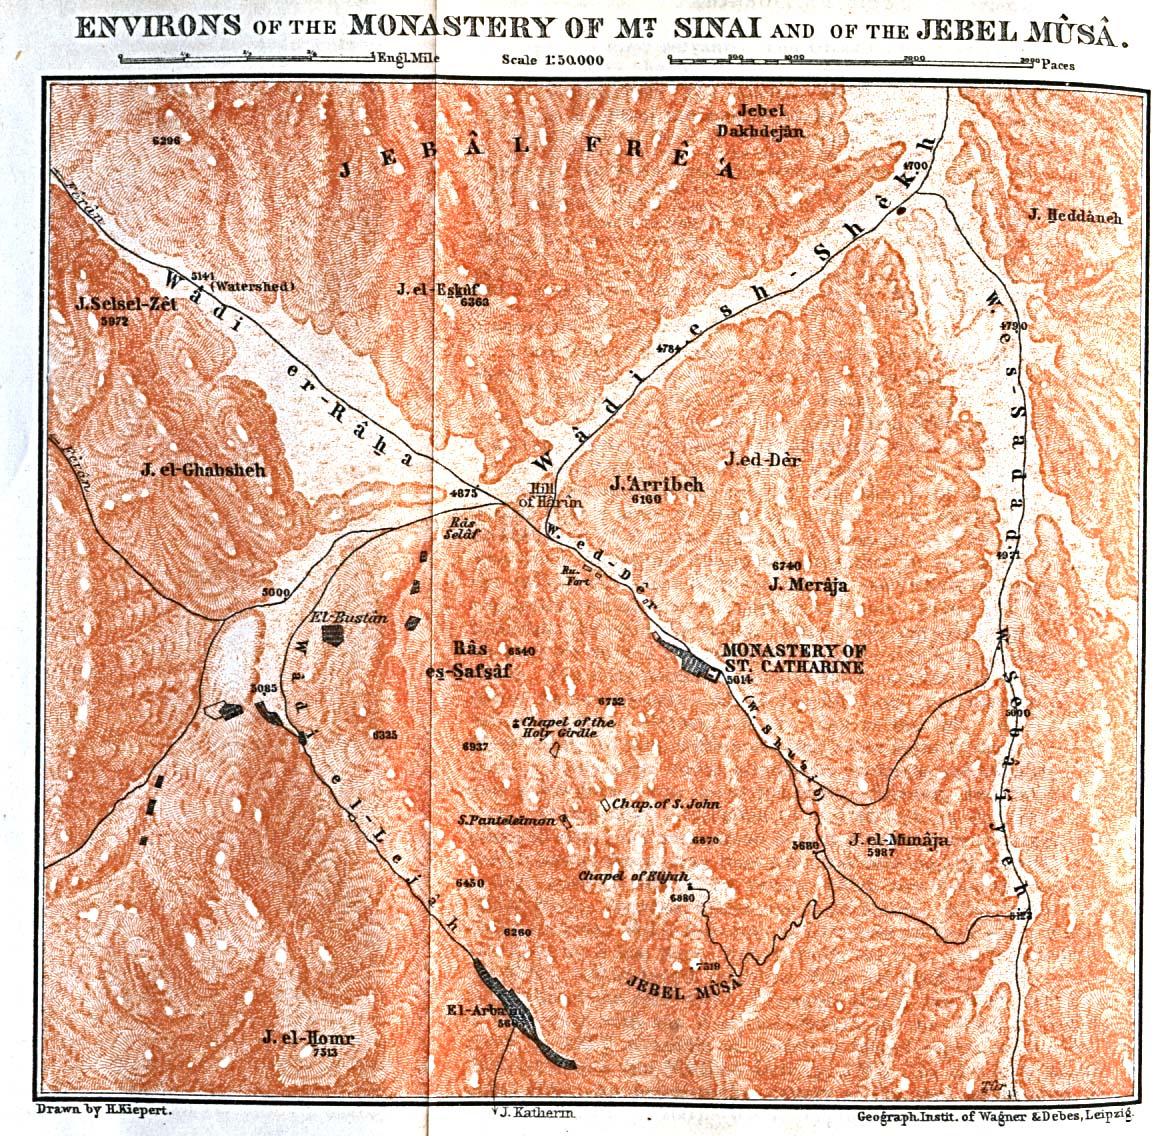 Mapa de las Cercanías del Monasterio de Santa Catalina del Monte Sinaí, Egipto 1912